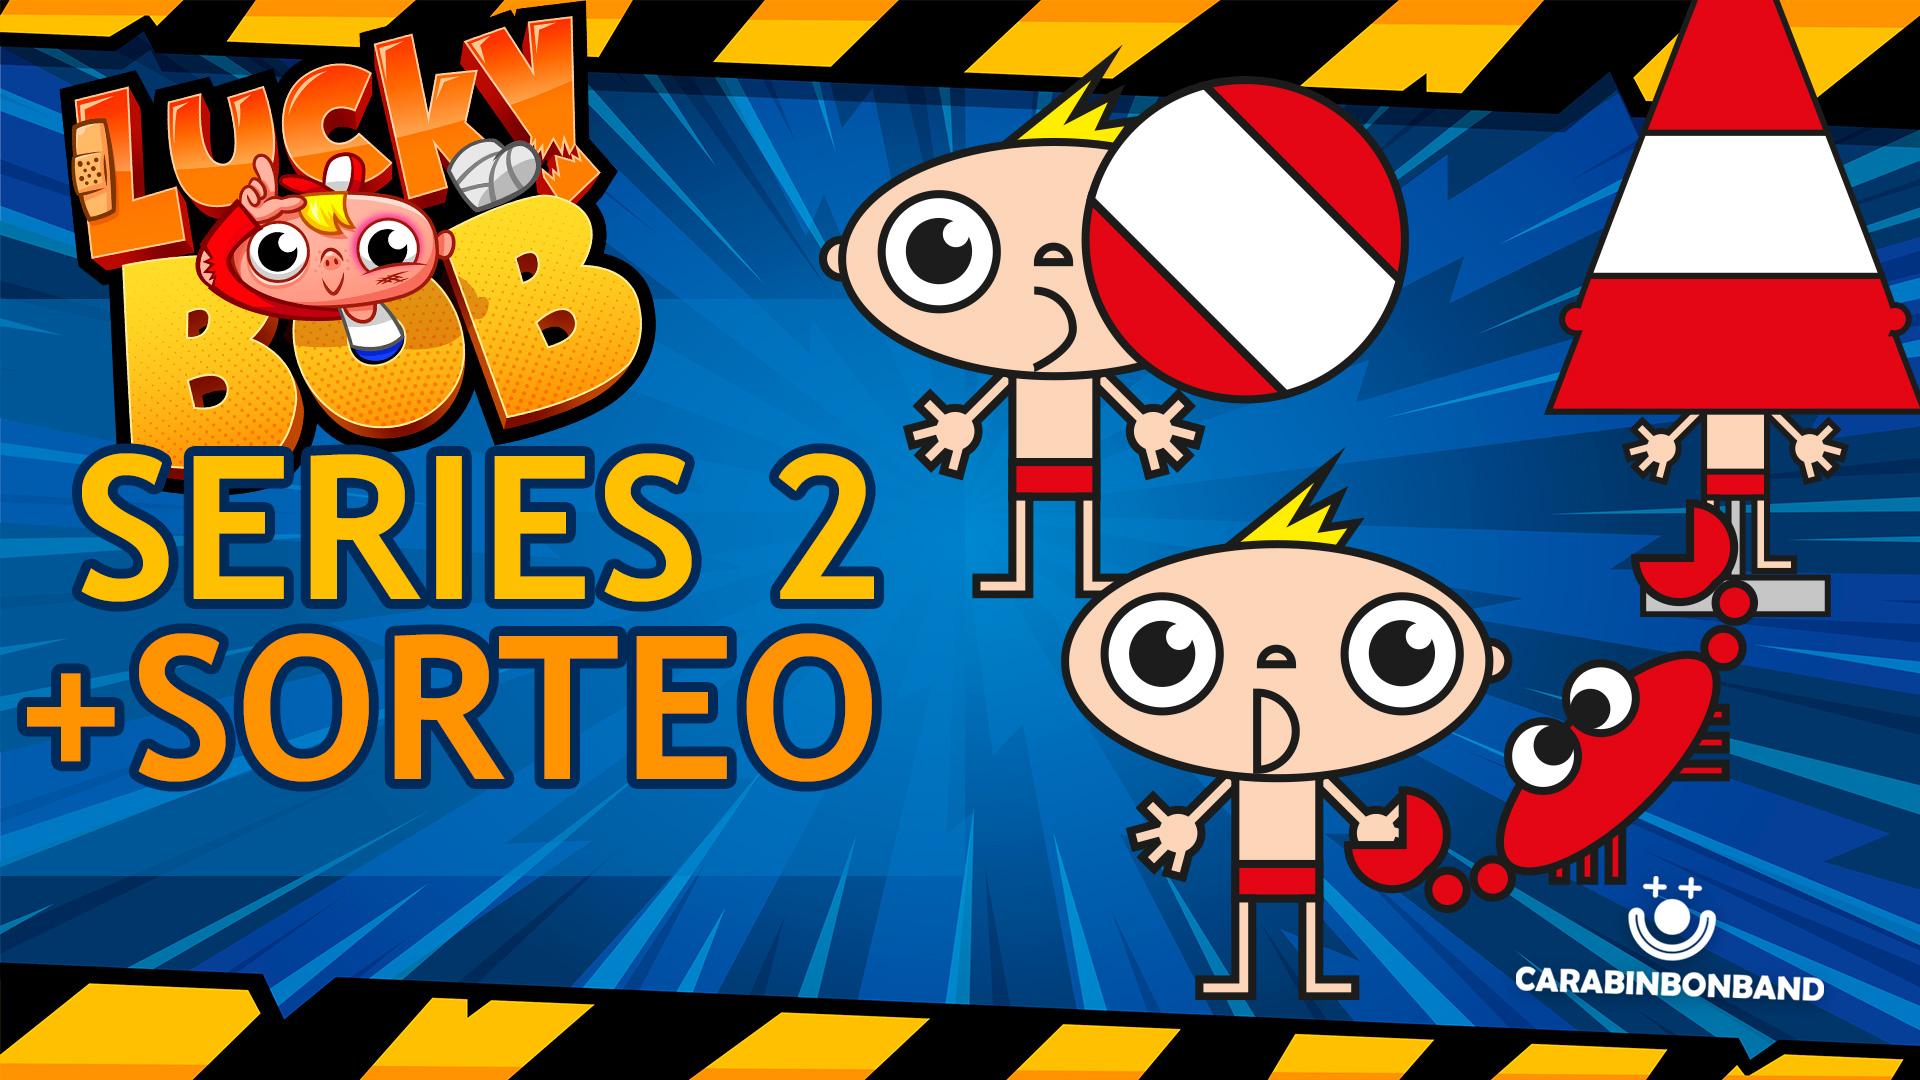 LUCKY BOB SERIES 2 INVENTADA Y SORTEO